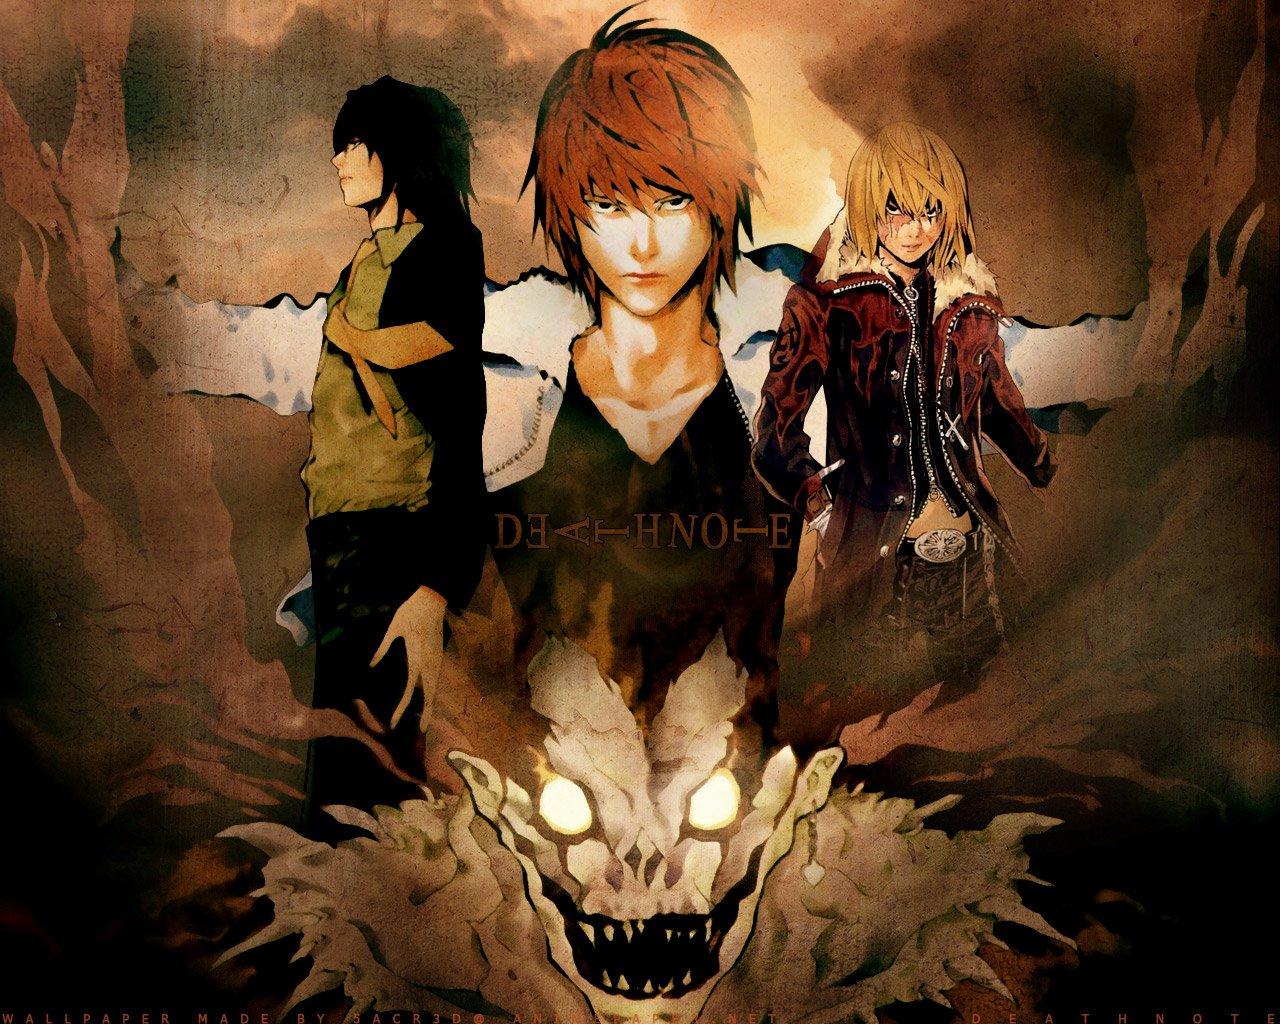 animepaperwallpapersdeathnote5acr3dedit4351.jpg